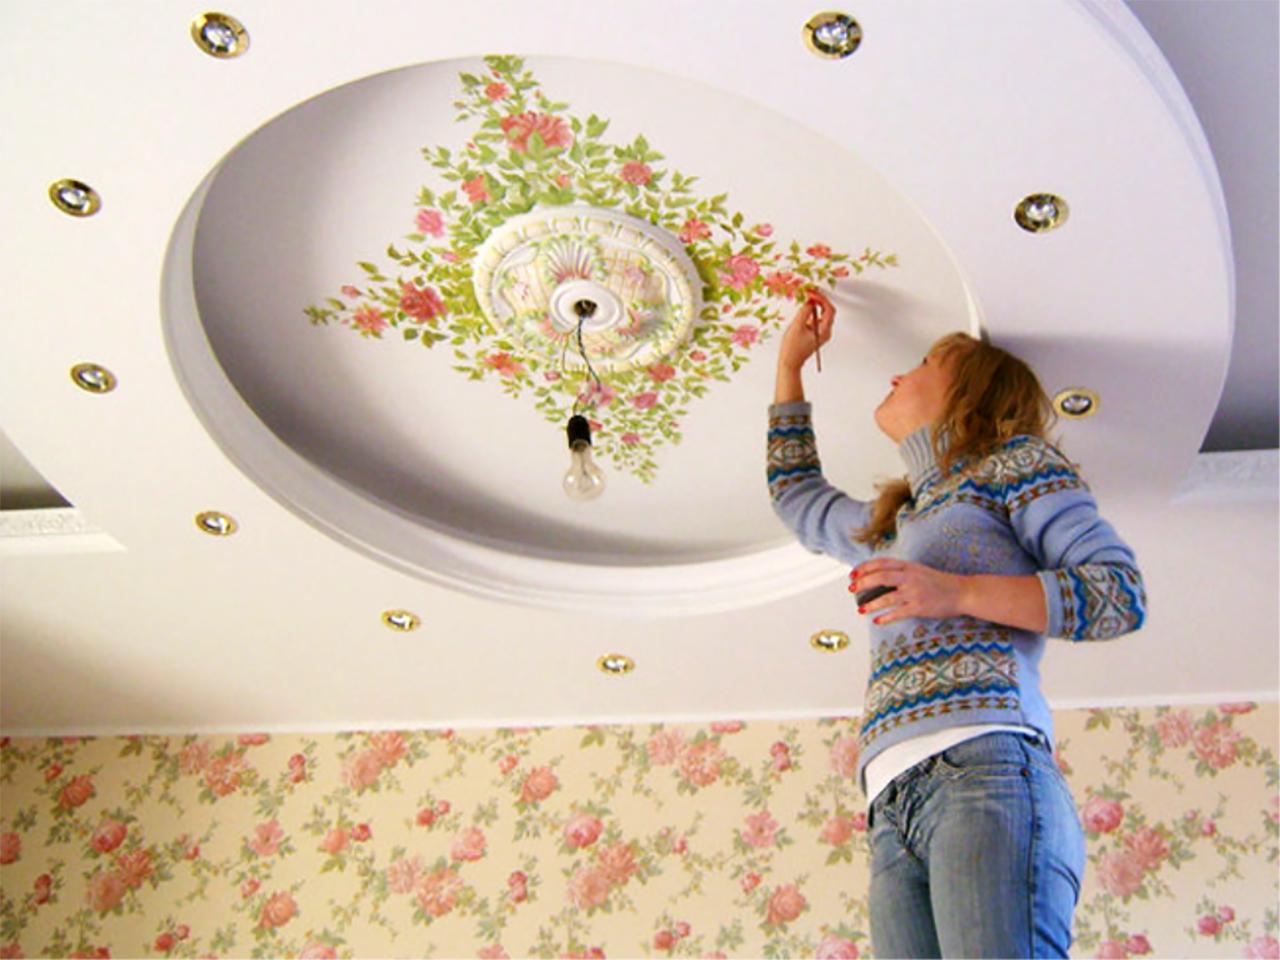 Рисунки на потолке: видео-инструкция по оформлению